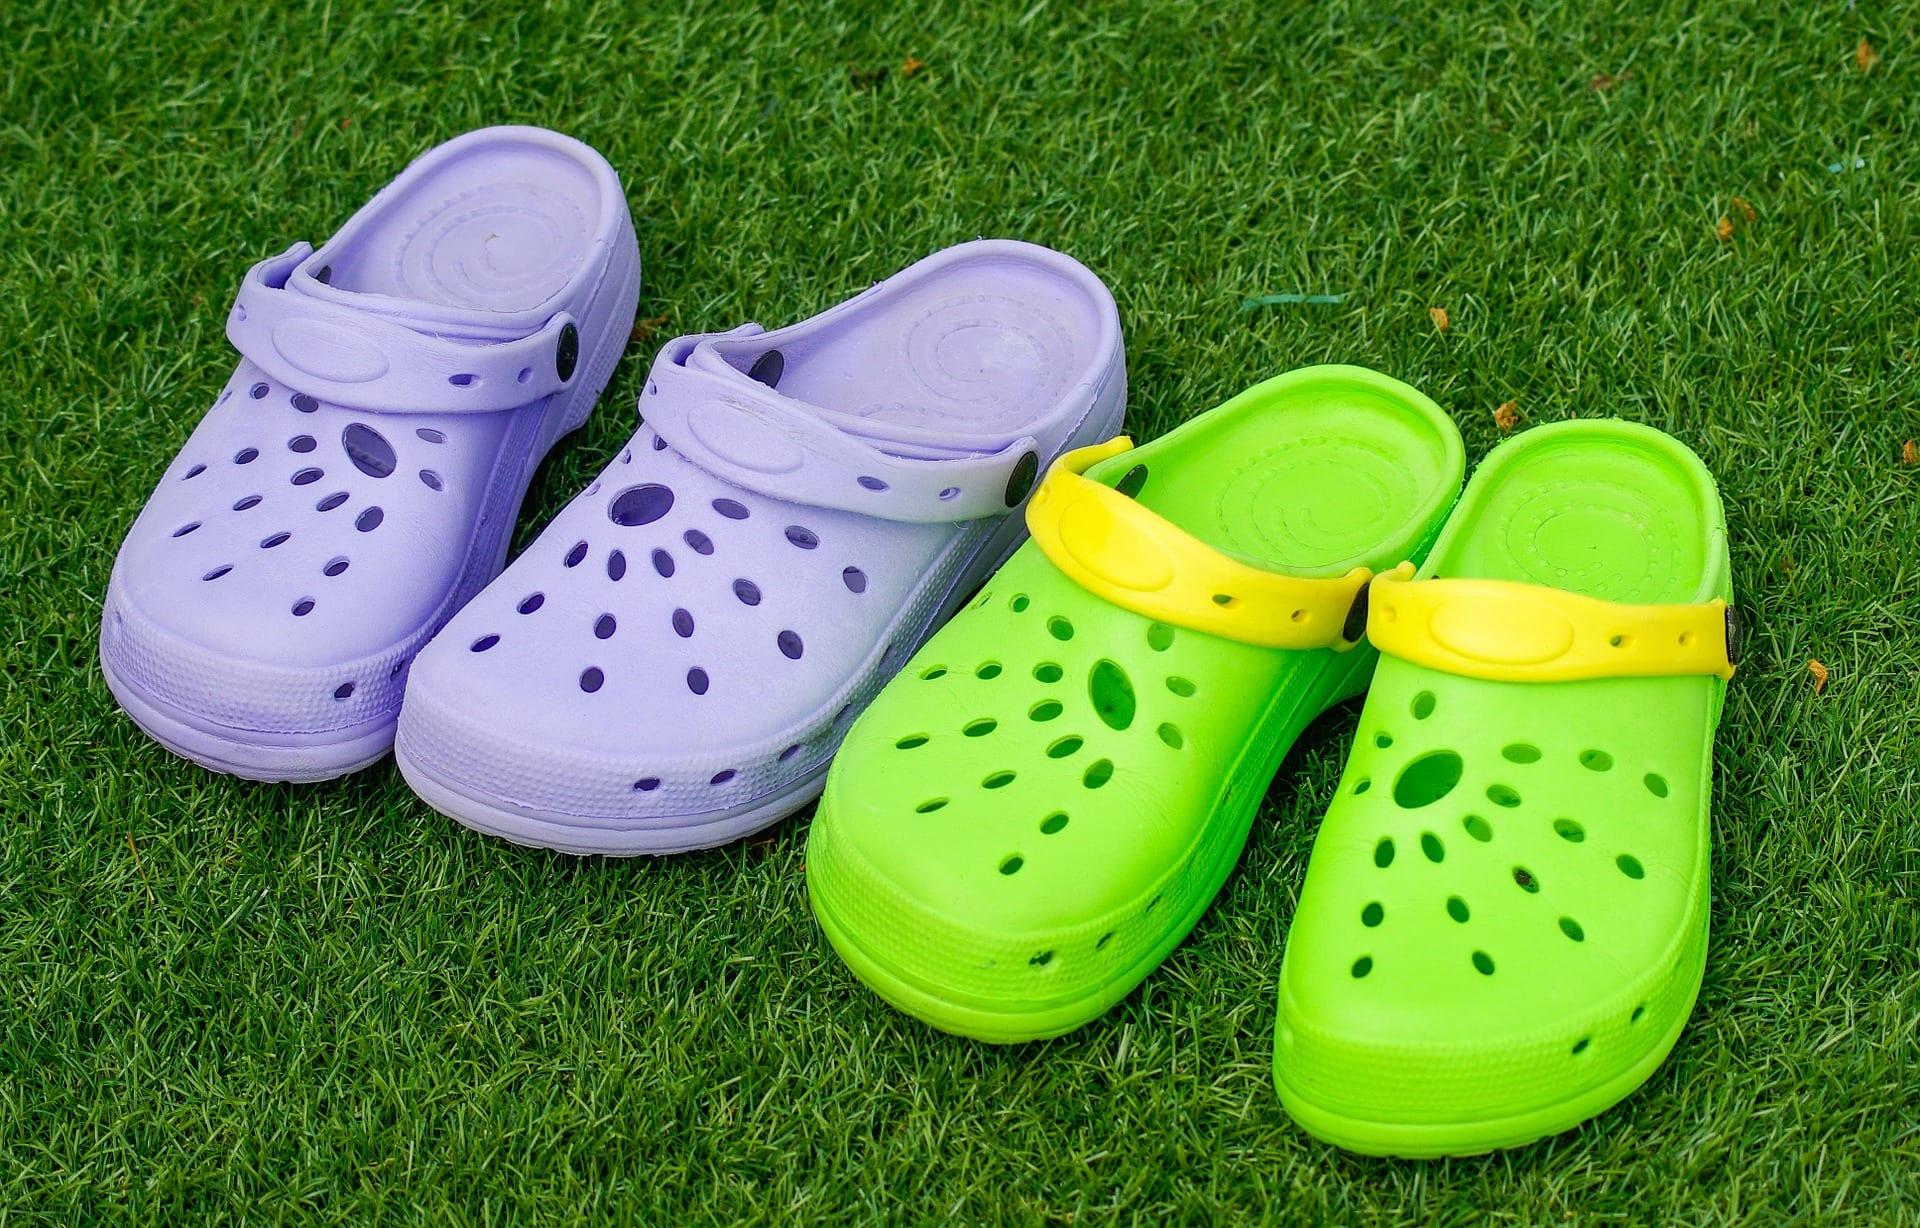 shoes-739280_1920-1